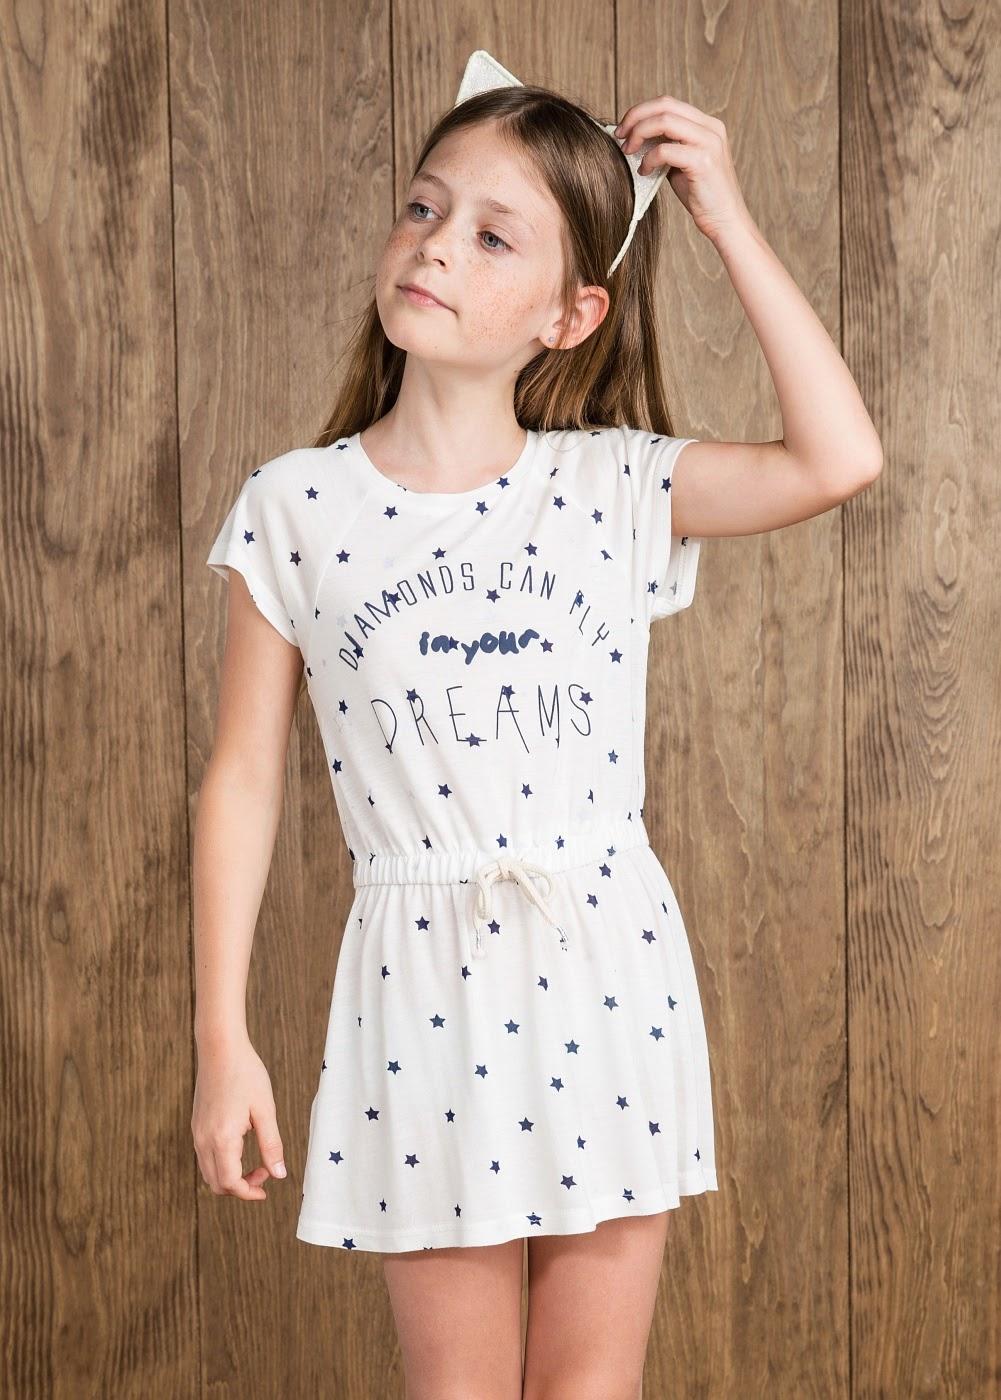 da4be13fbbd29 Mango'dan seçtiğim diğer yazlık kız çocuk elbise modelleri için aşağıya  alayım sizi. 'Mudo'dan yazlık kız çocuk elbise modelleri' ve 'Zara yazlık kız  çocuk ...